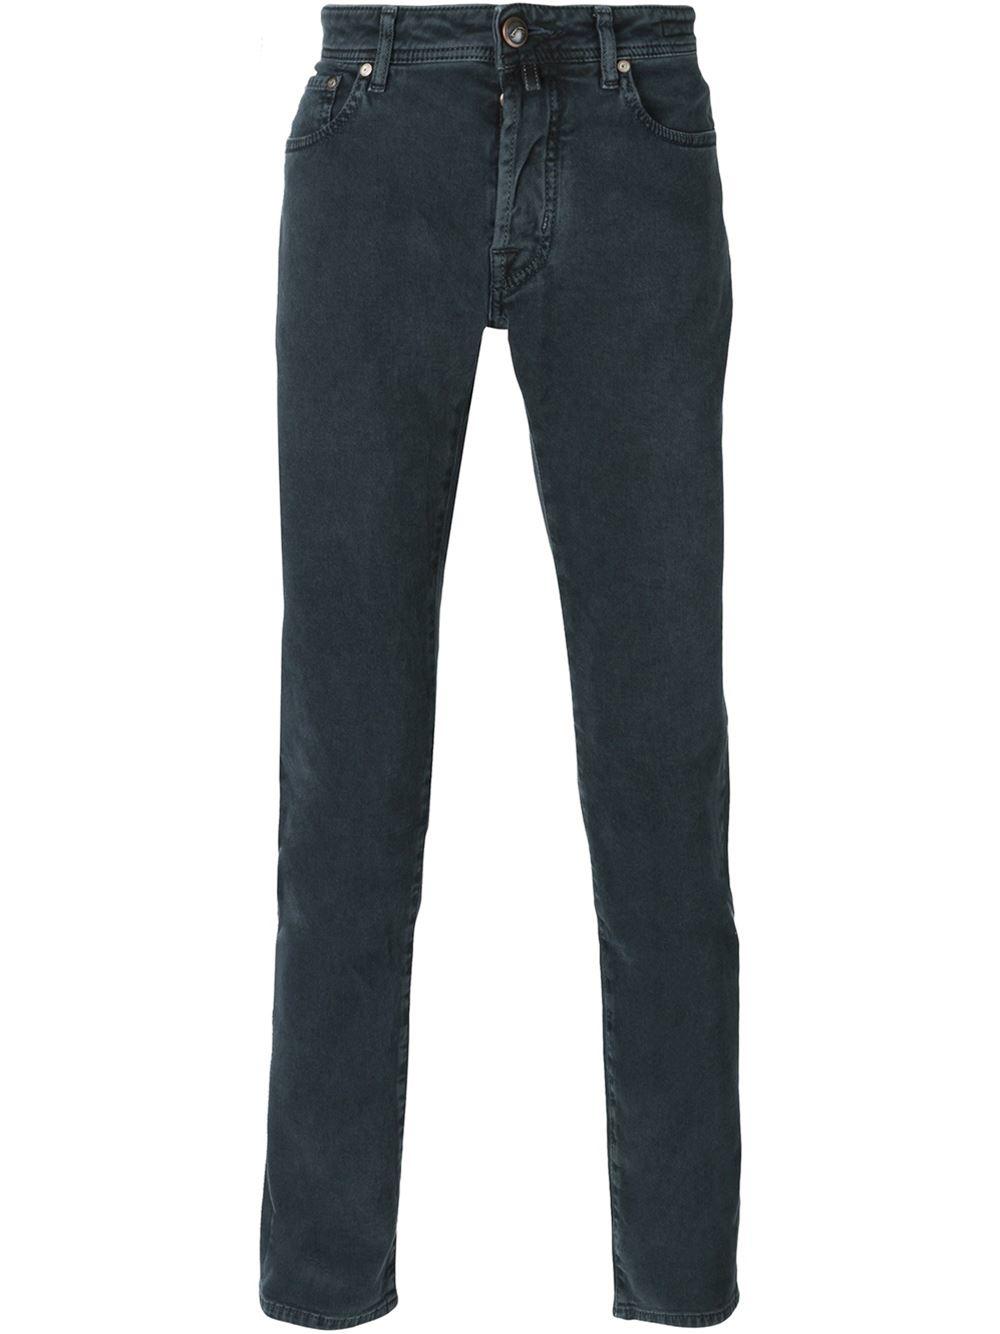 Lyst jacob cohen slim fit jeans in gray for men - Jacob cohen denim ...